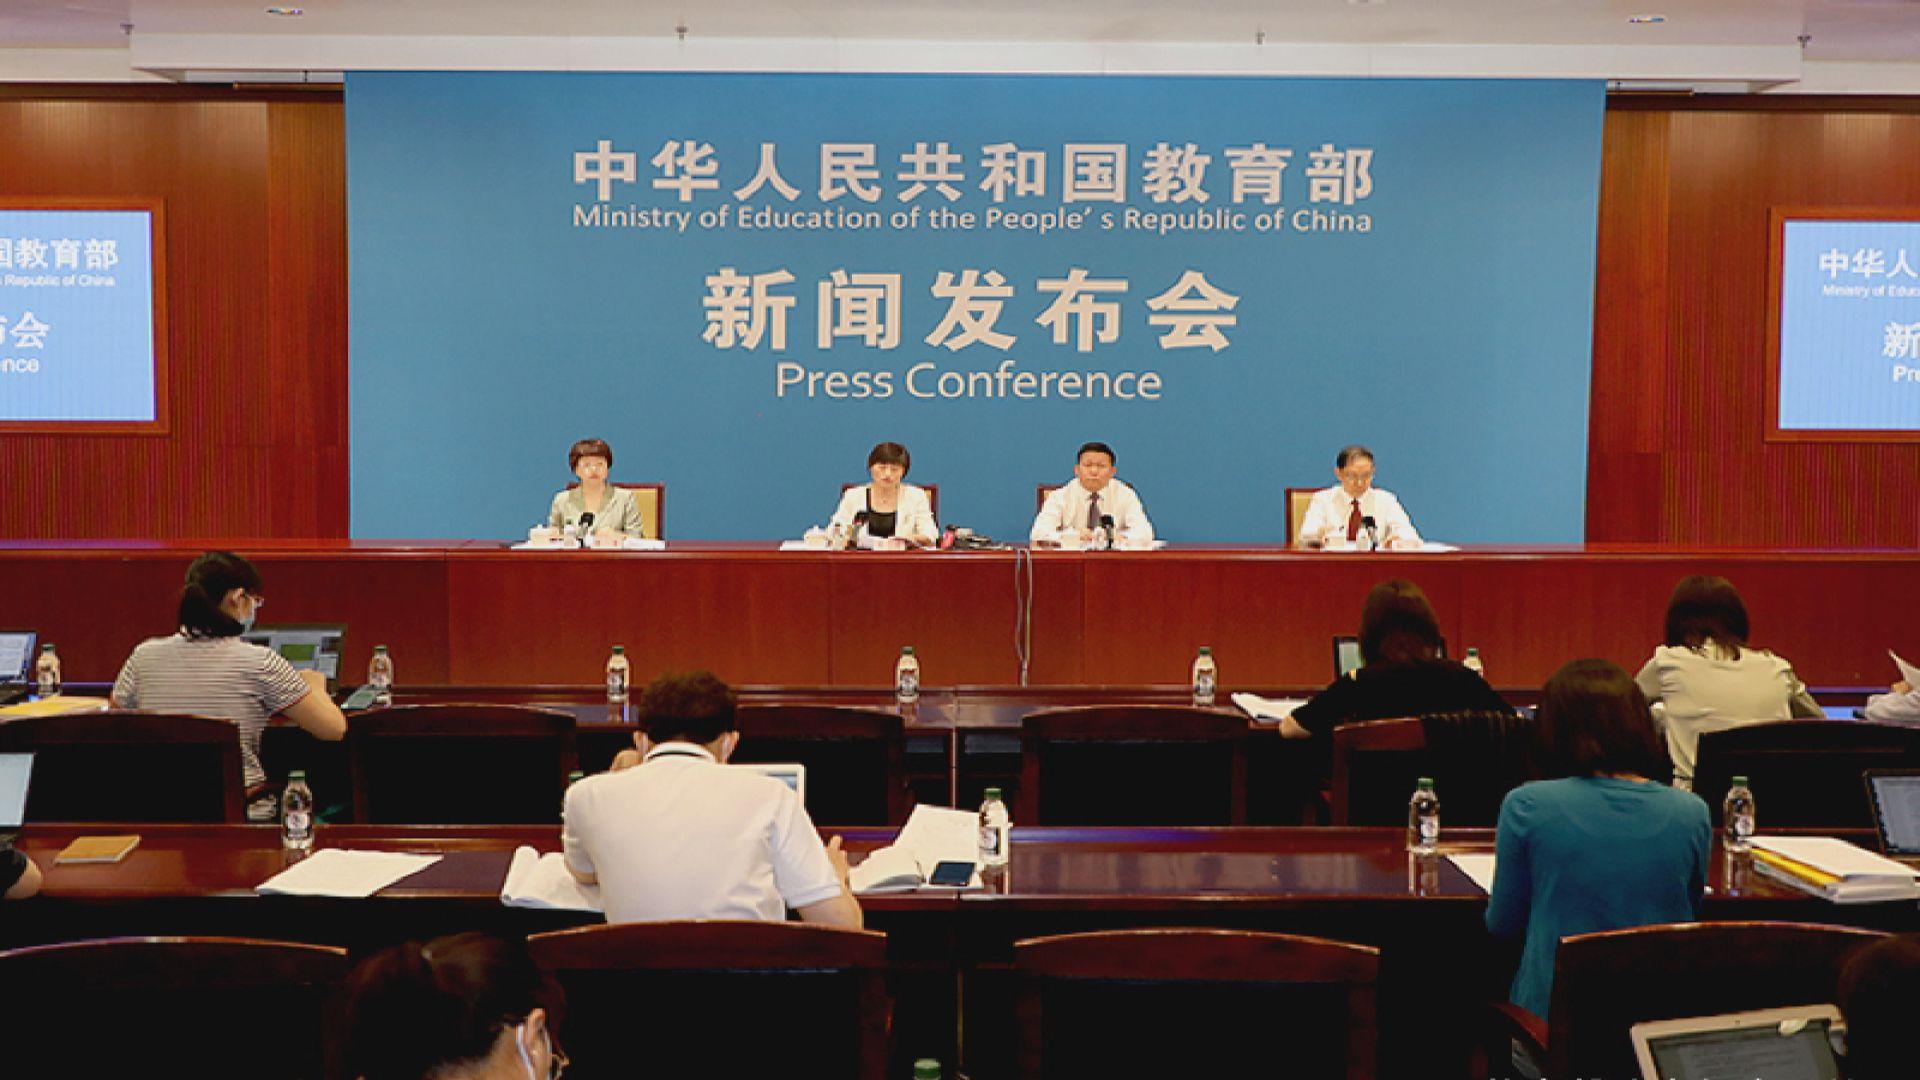 教育部建議香港將普通話融入考評 確立簡體字法律地位